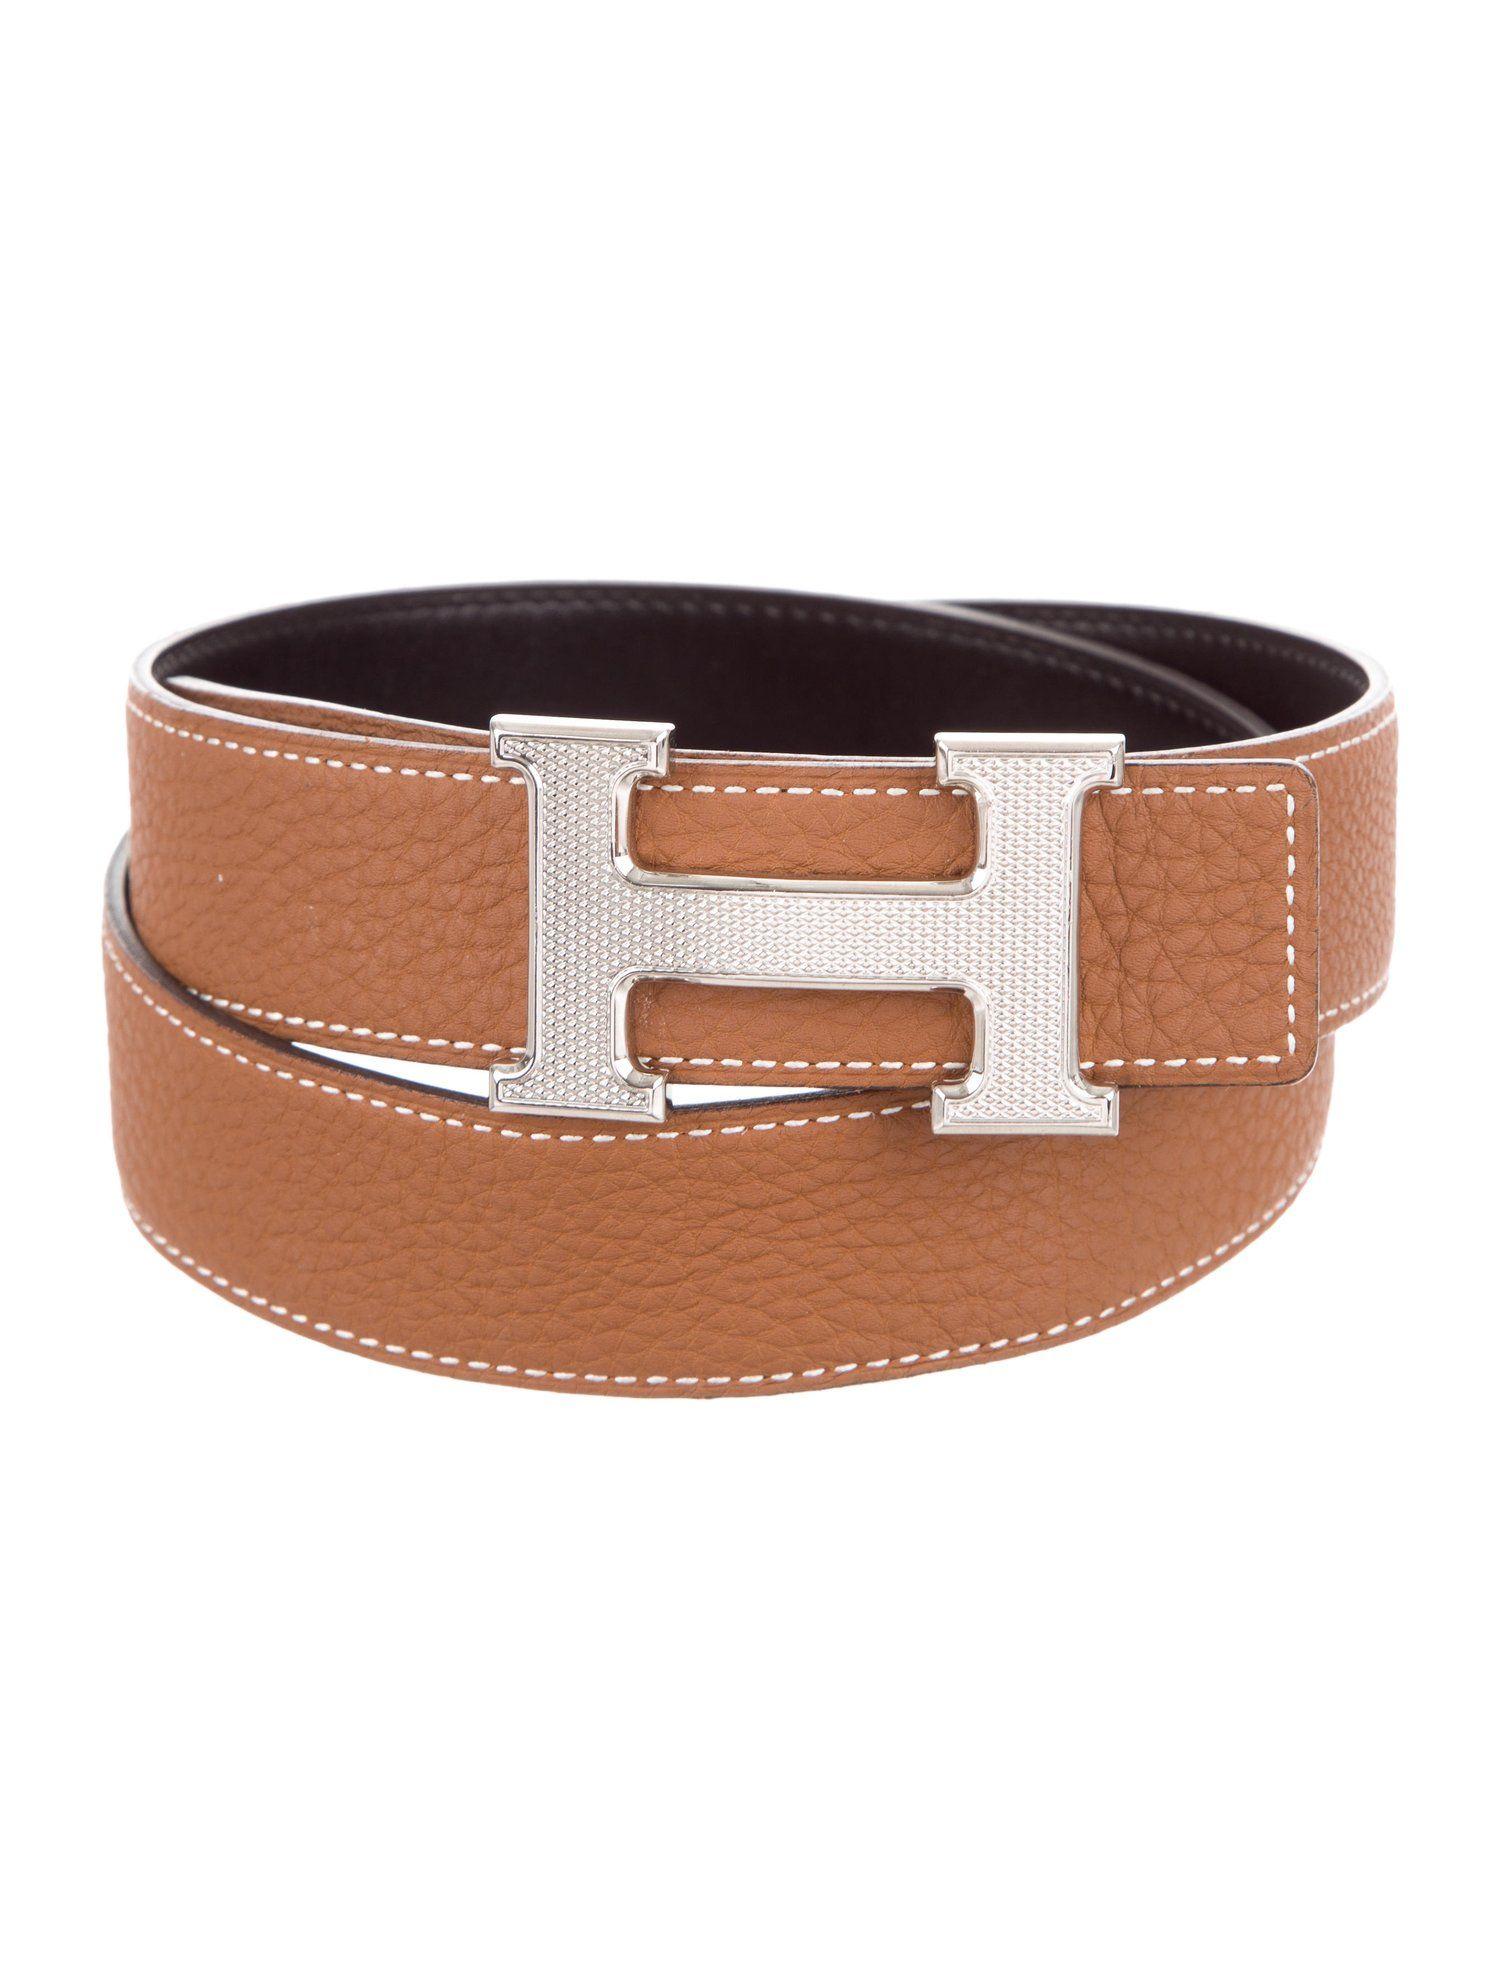 Vintage Hermes Constance Brown Reversible H Belt 24 mm-Size 75